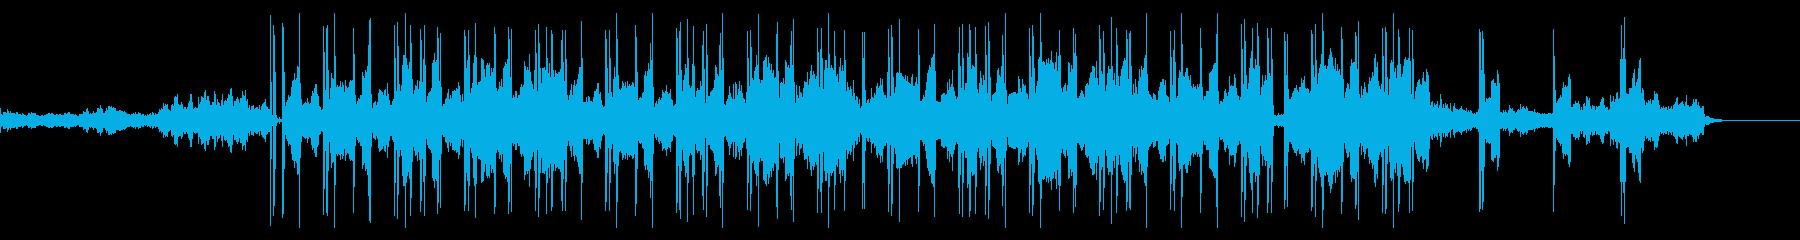 優しく明るいチル・ヒップホップの再生済みの波形